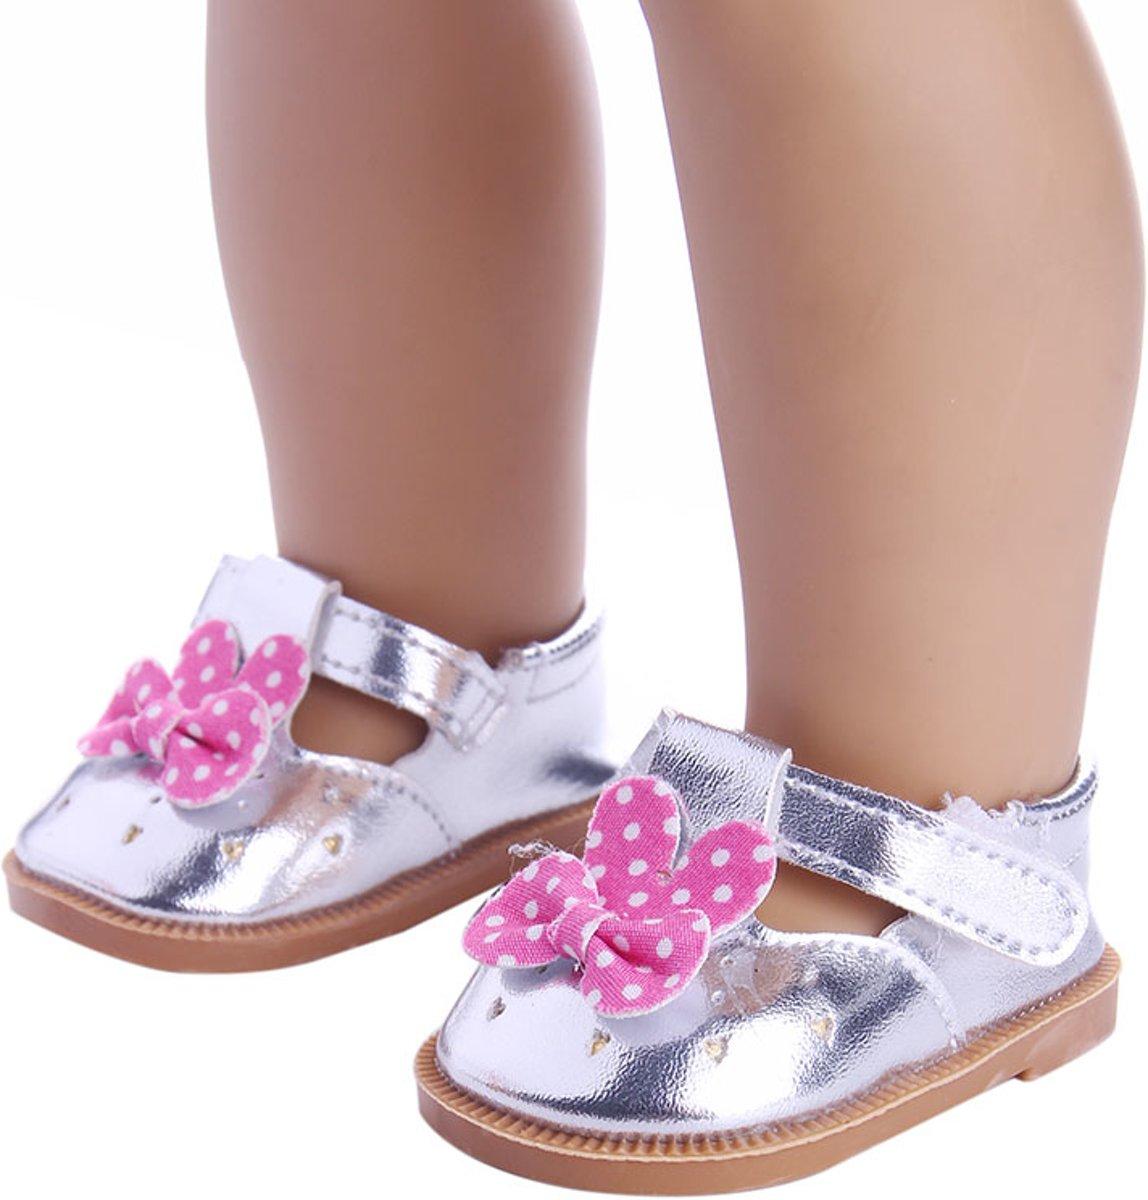 Schoentjes voor Baby Born - Zilveren schoenen met roze strikje met polkadots - Poppenschoentjes 7 cm